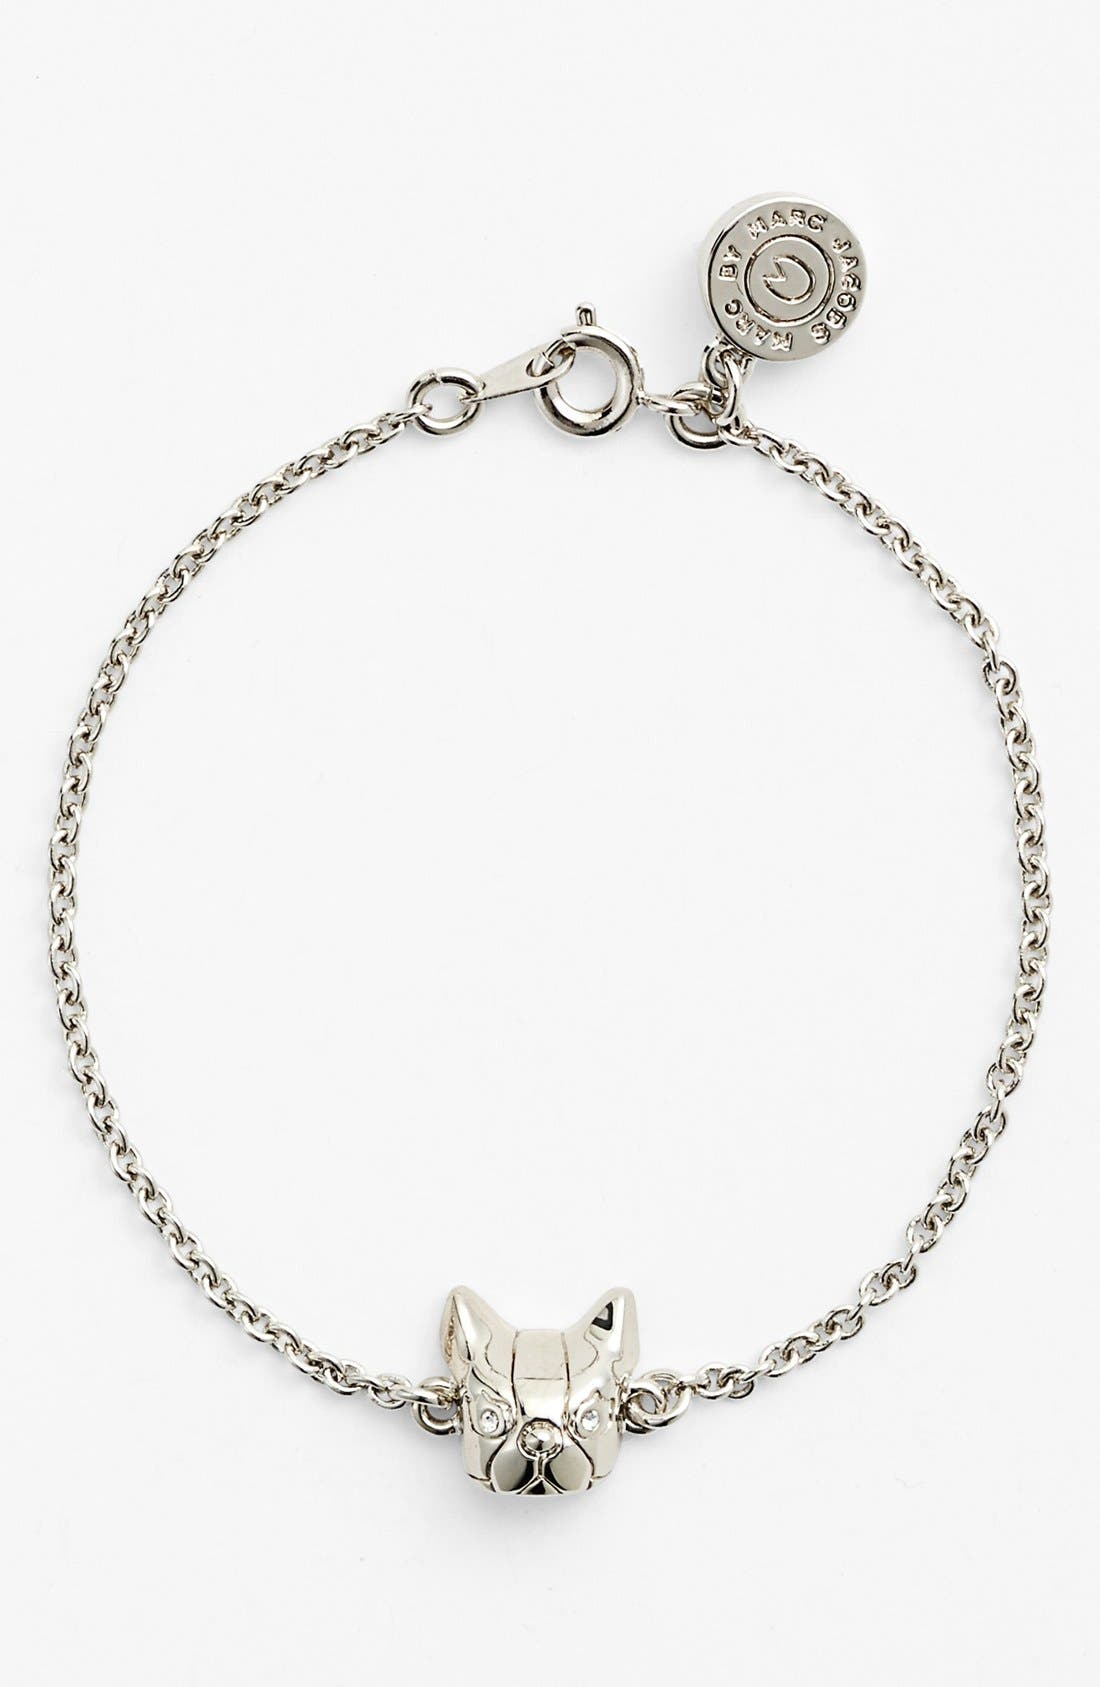 Alternate Image 1 Selected - MARC BY MARC JACOBS 'Dynamite - Olive' Dog Line Bracelet